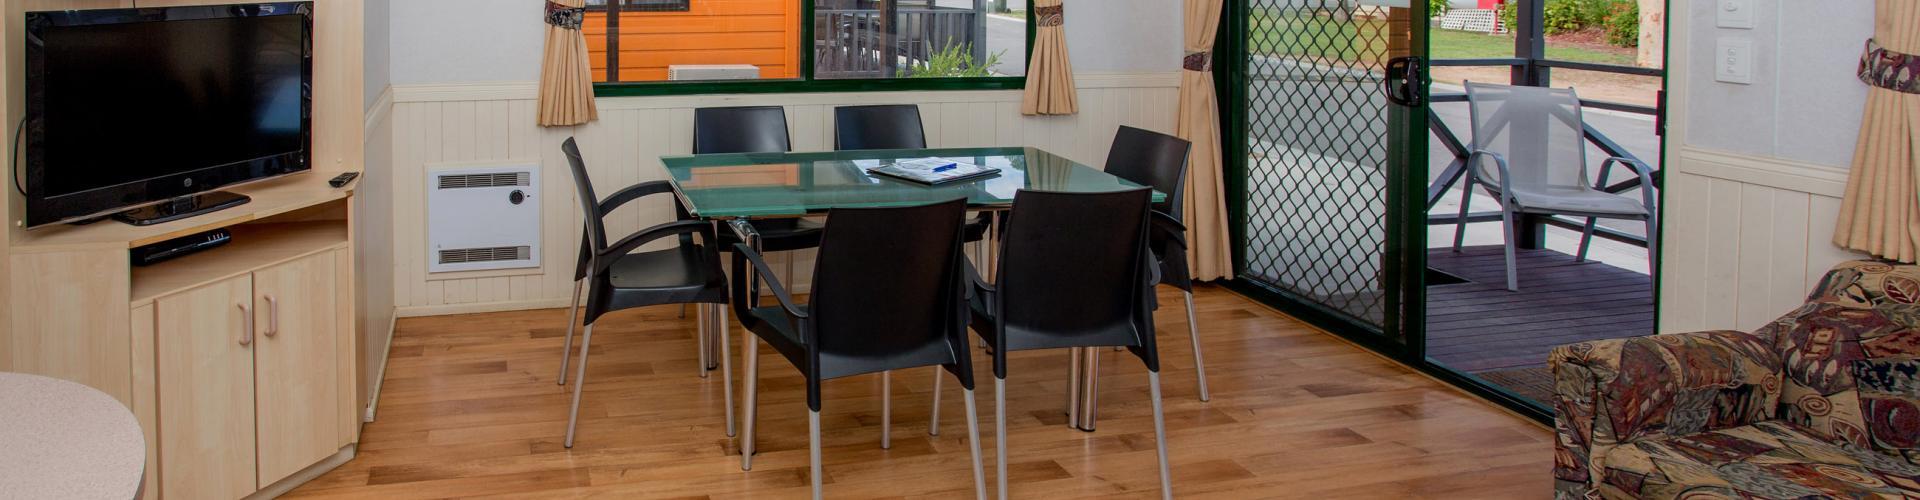 BIG4 Bendigo Park Lane Holiday Park - 2 Bedroom Standard Cabin - Sleeps 5 - Lounge Dining